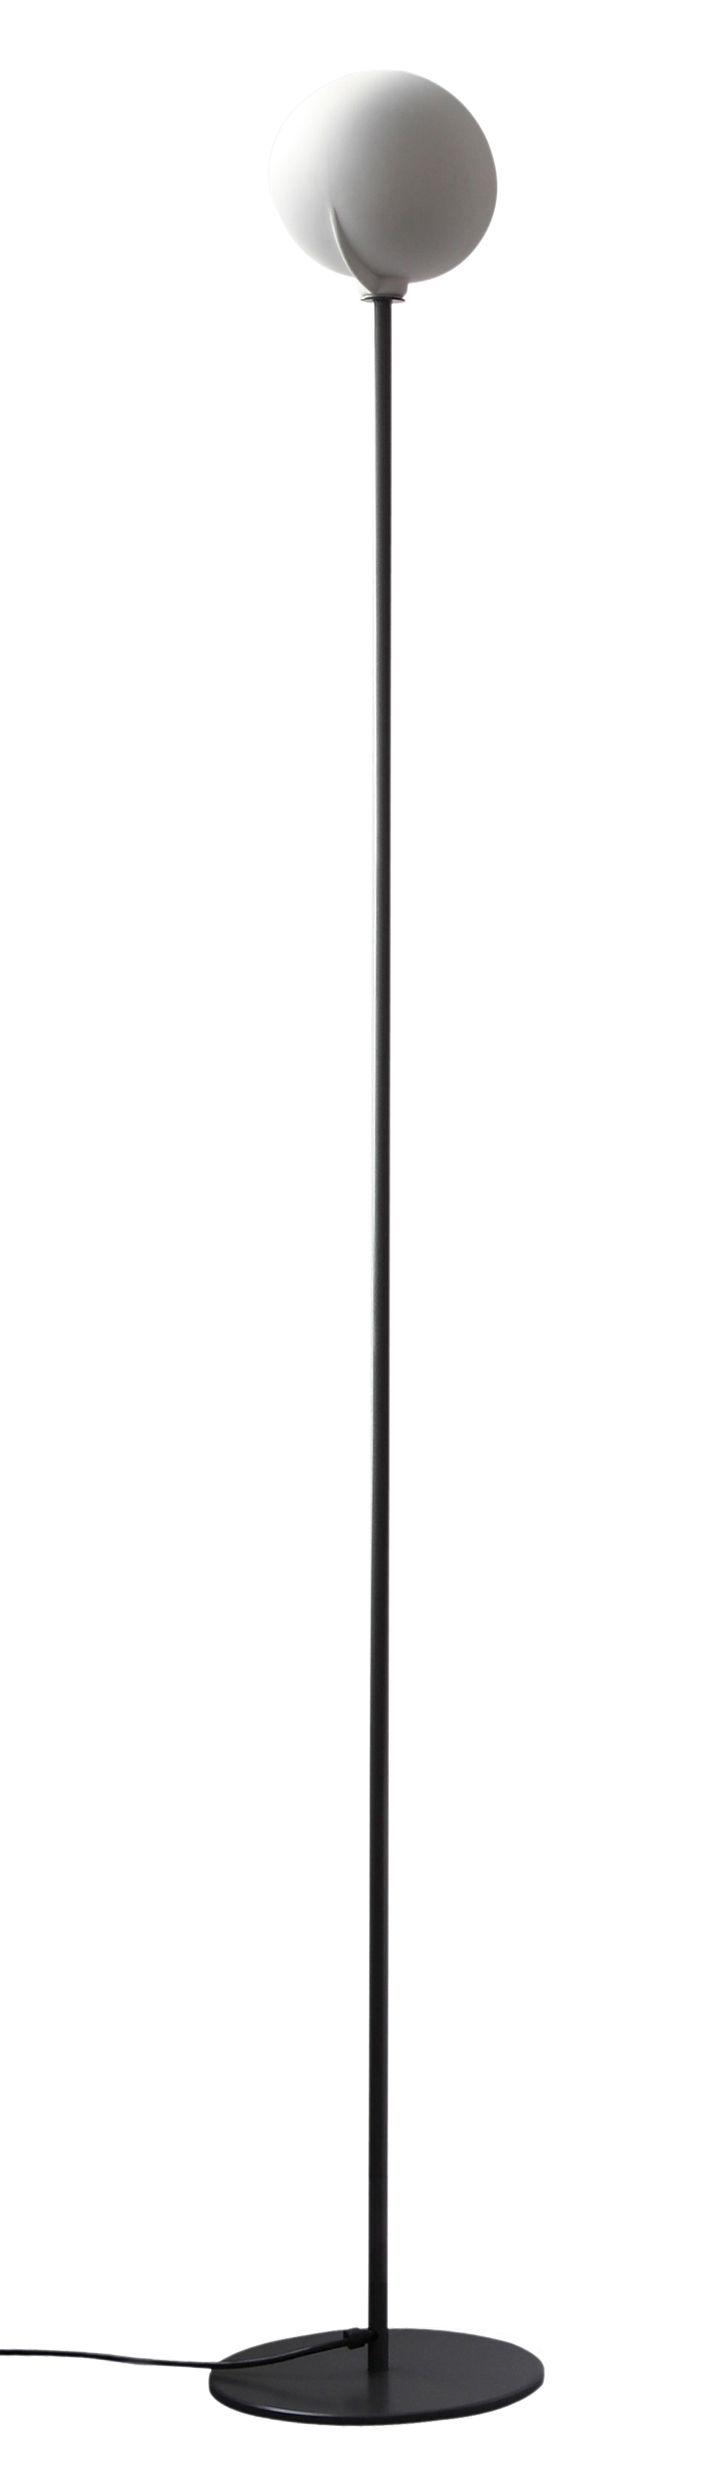 Lighting - Floor lamps - Deux chevaux Floor lamp by Zeus - White / Gunmetal grey leg - China, Phosphated steel